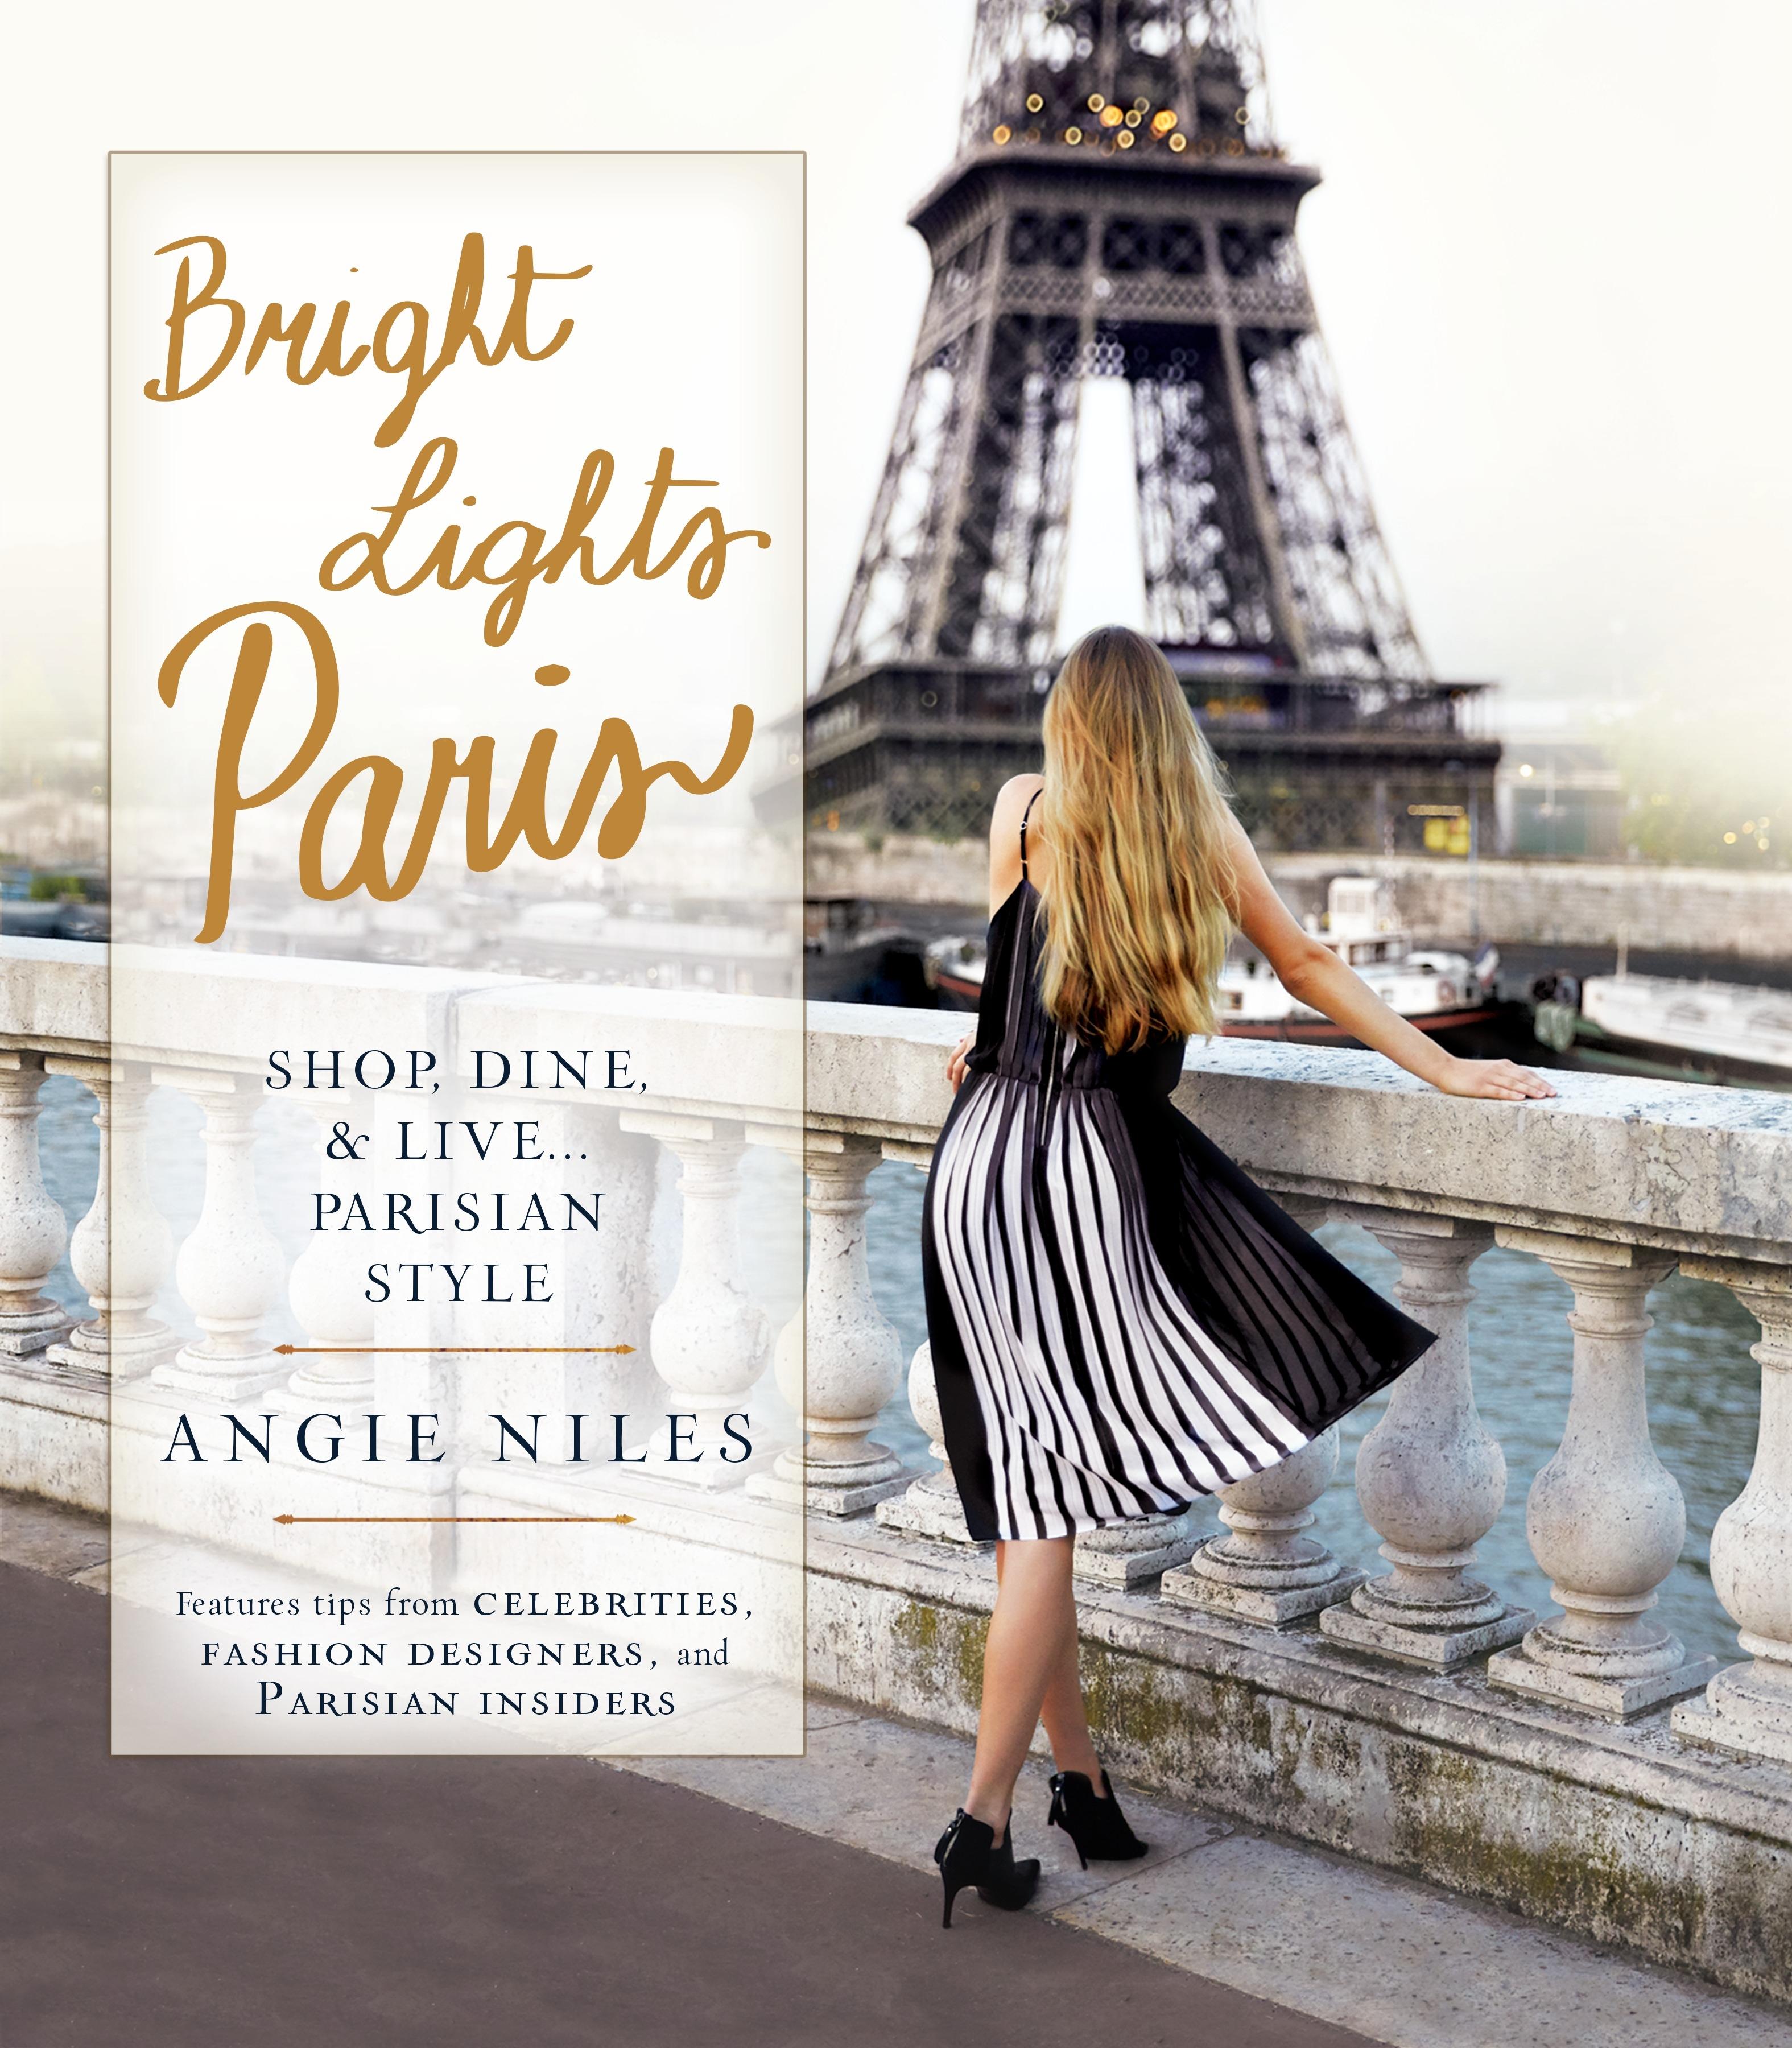 Bright Lights Paris: Shop, Dine & Live... Parisian Style